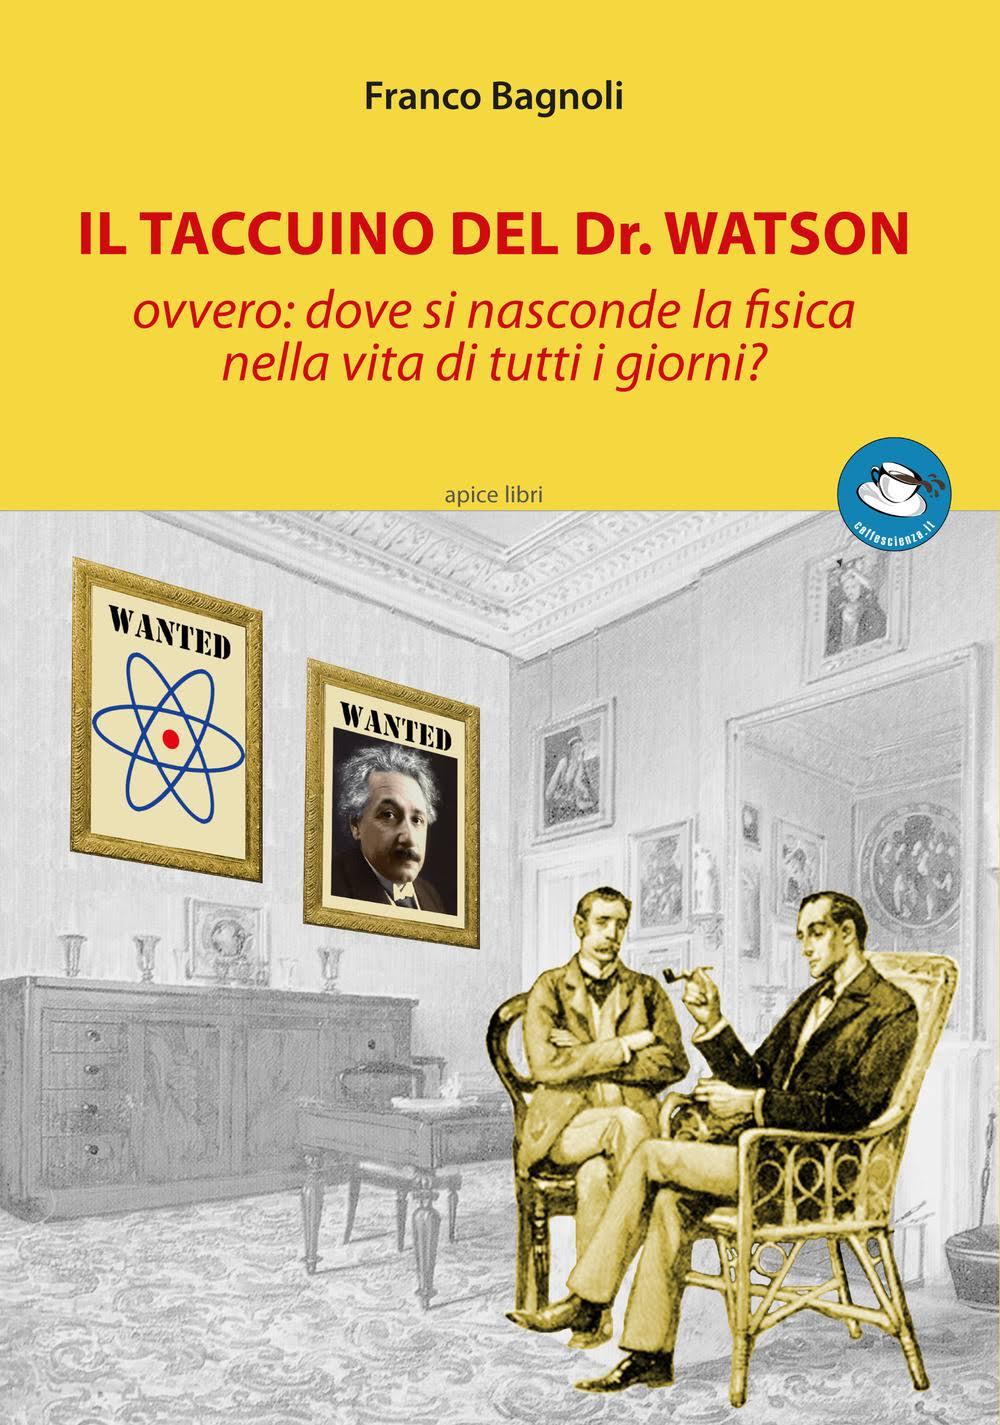 Apice Libri Il taccuino del Dr. Watson ovvero dove si nasconde la fisica nel